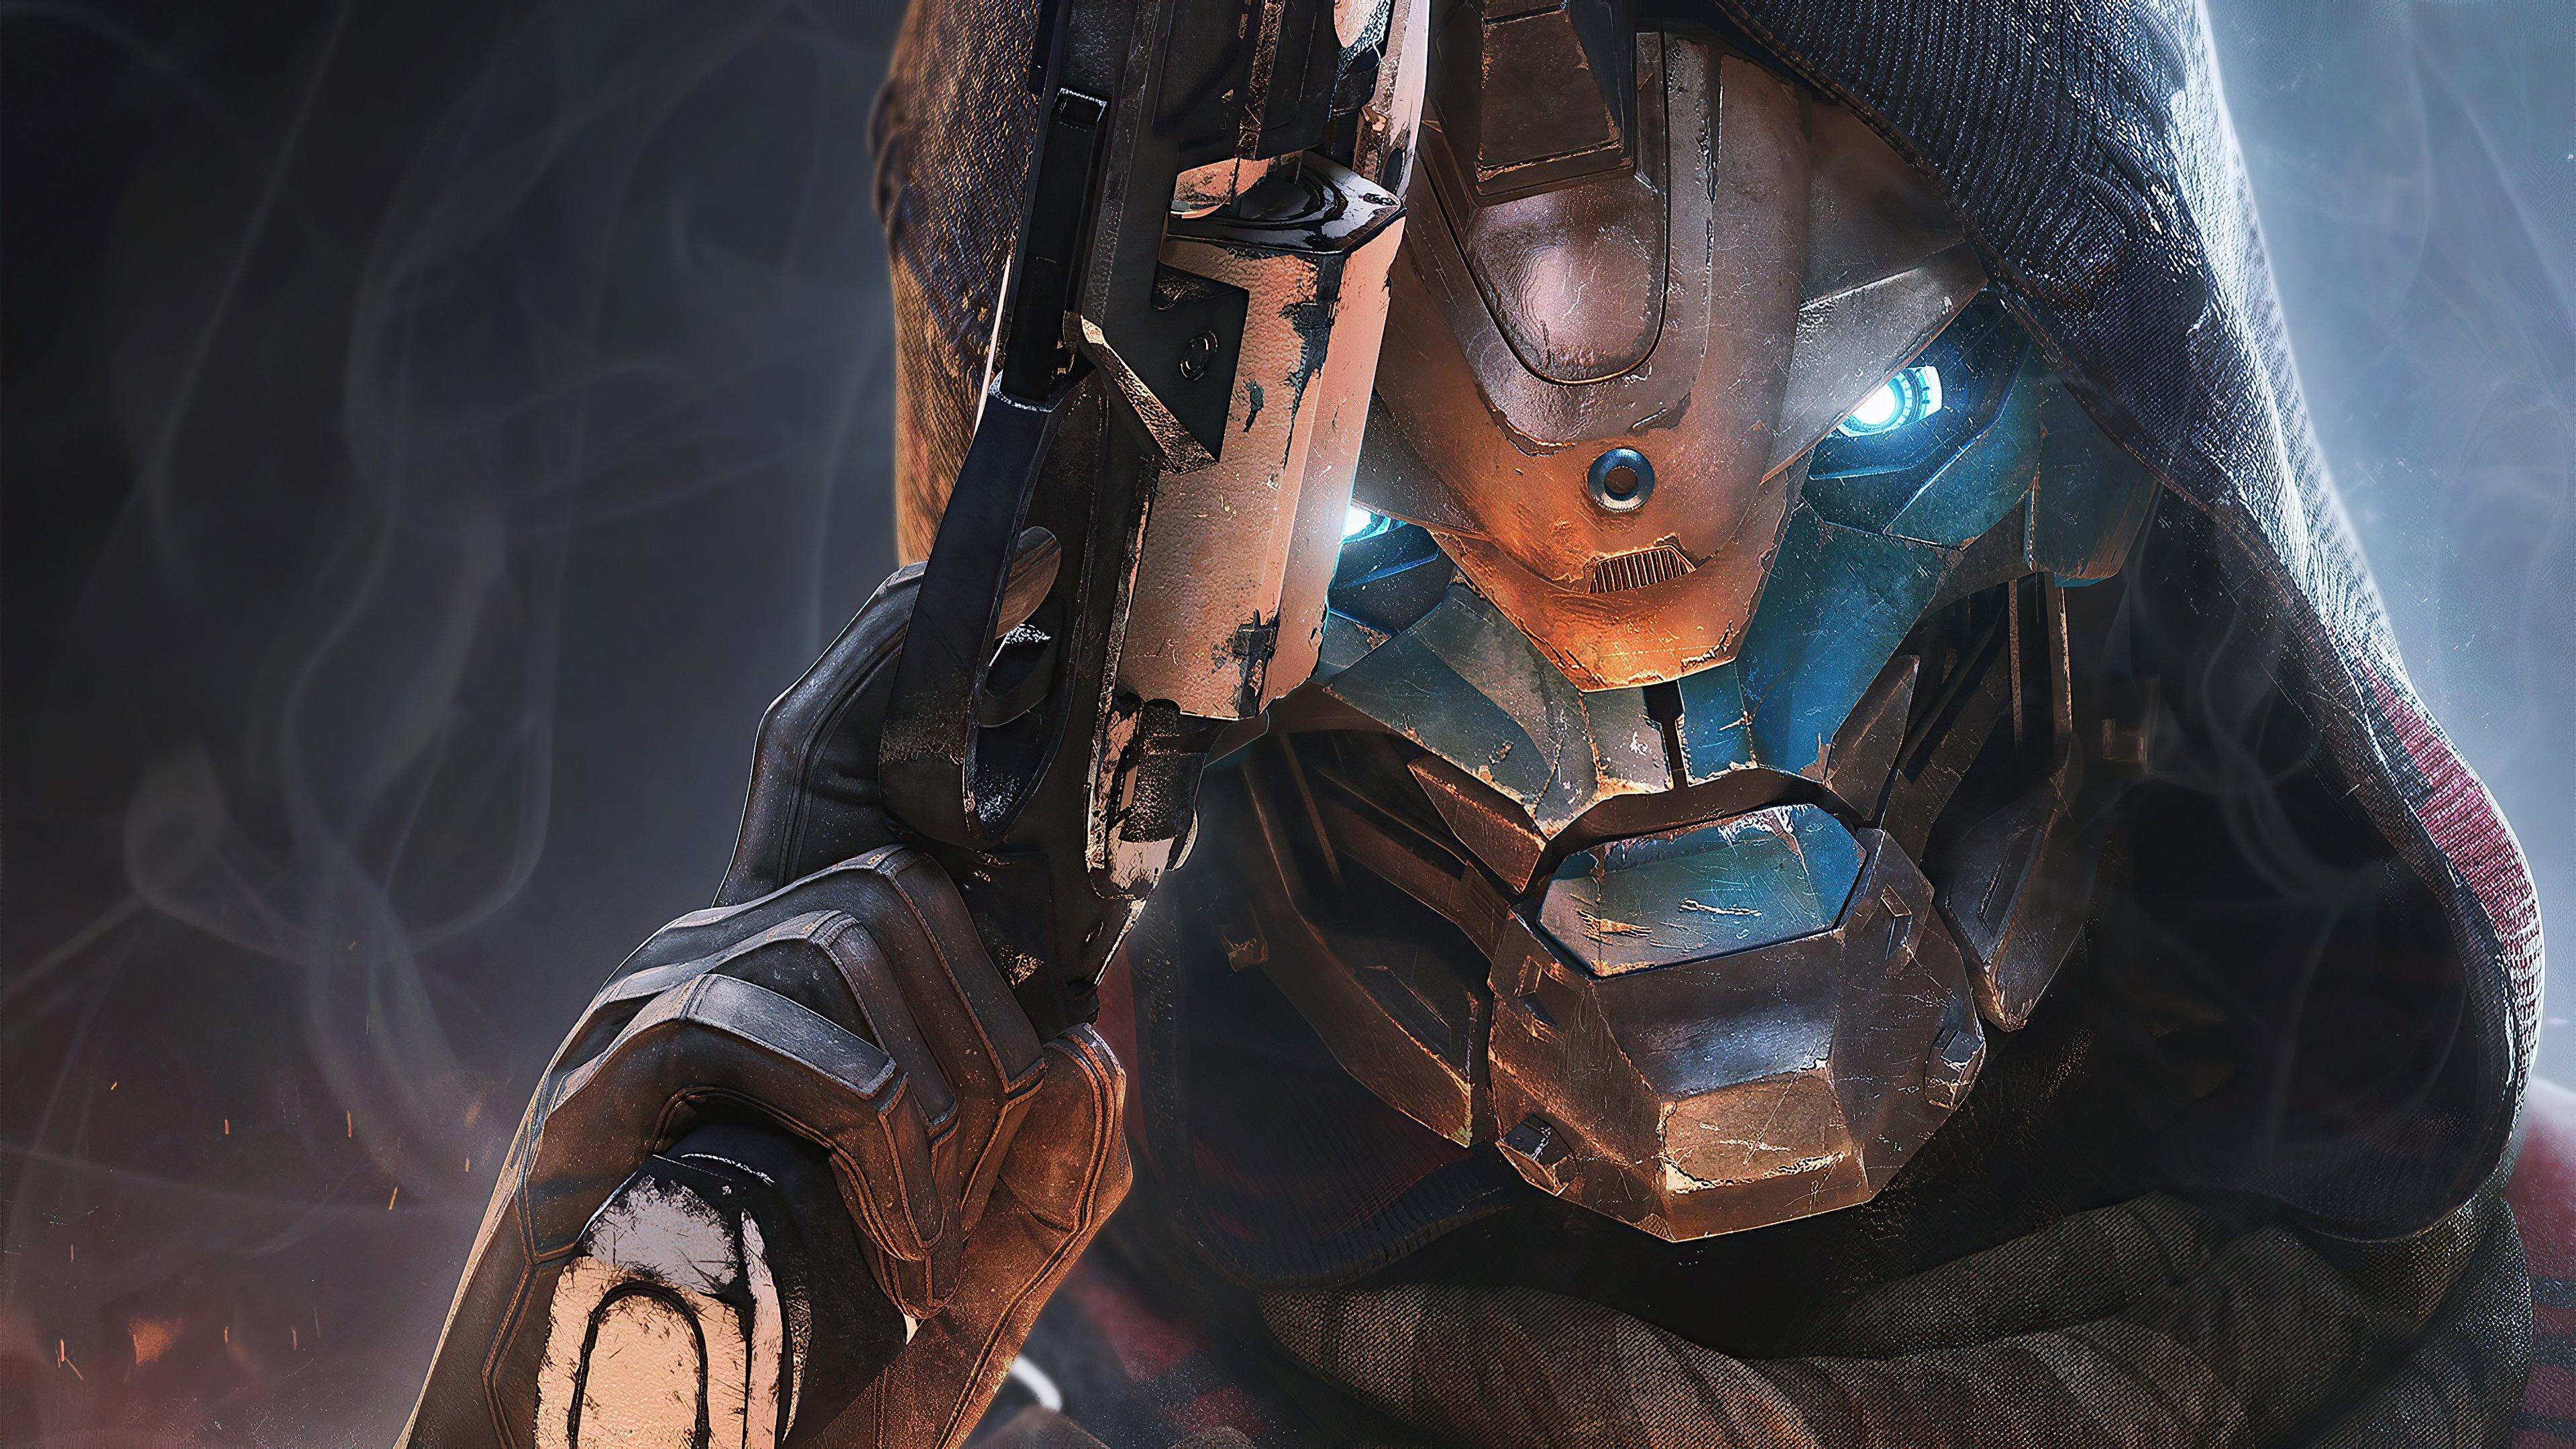 Fondos de pantalla Cayde 6 de Destiny 2